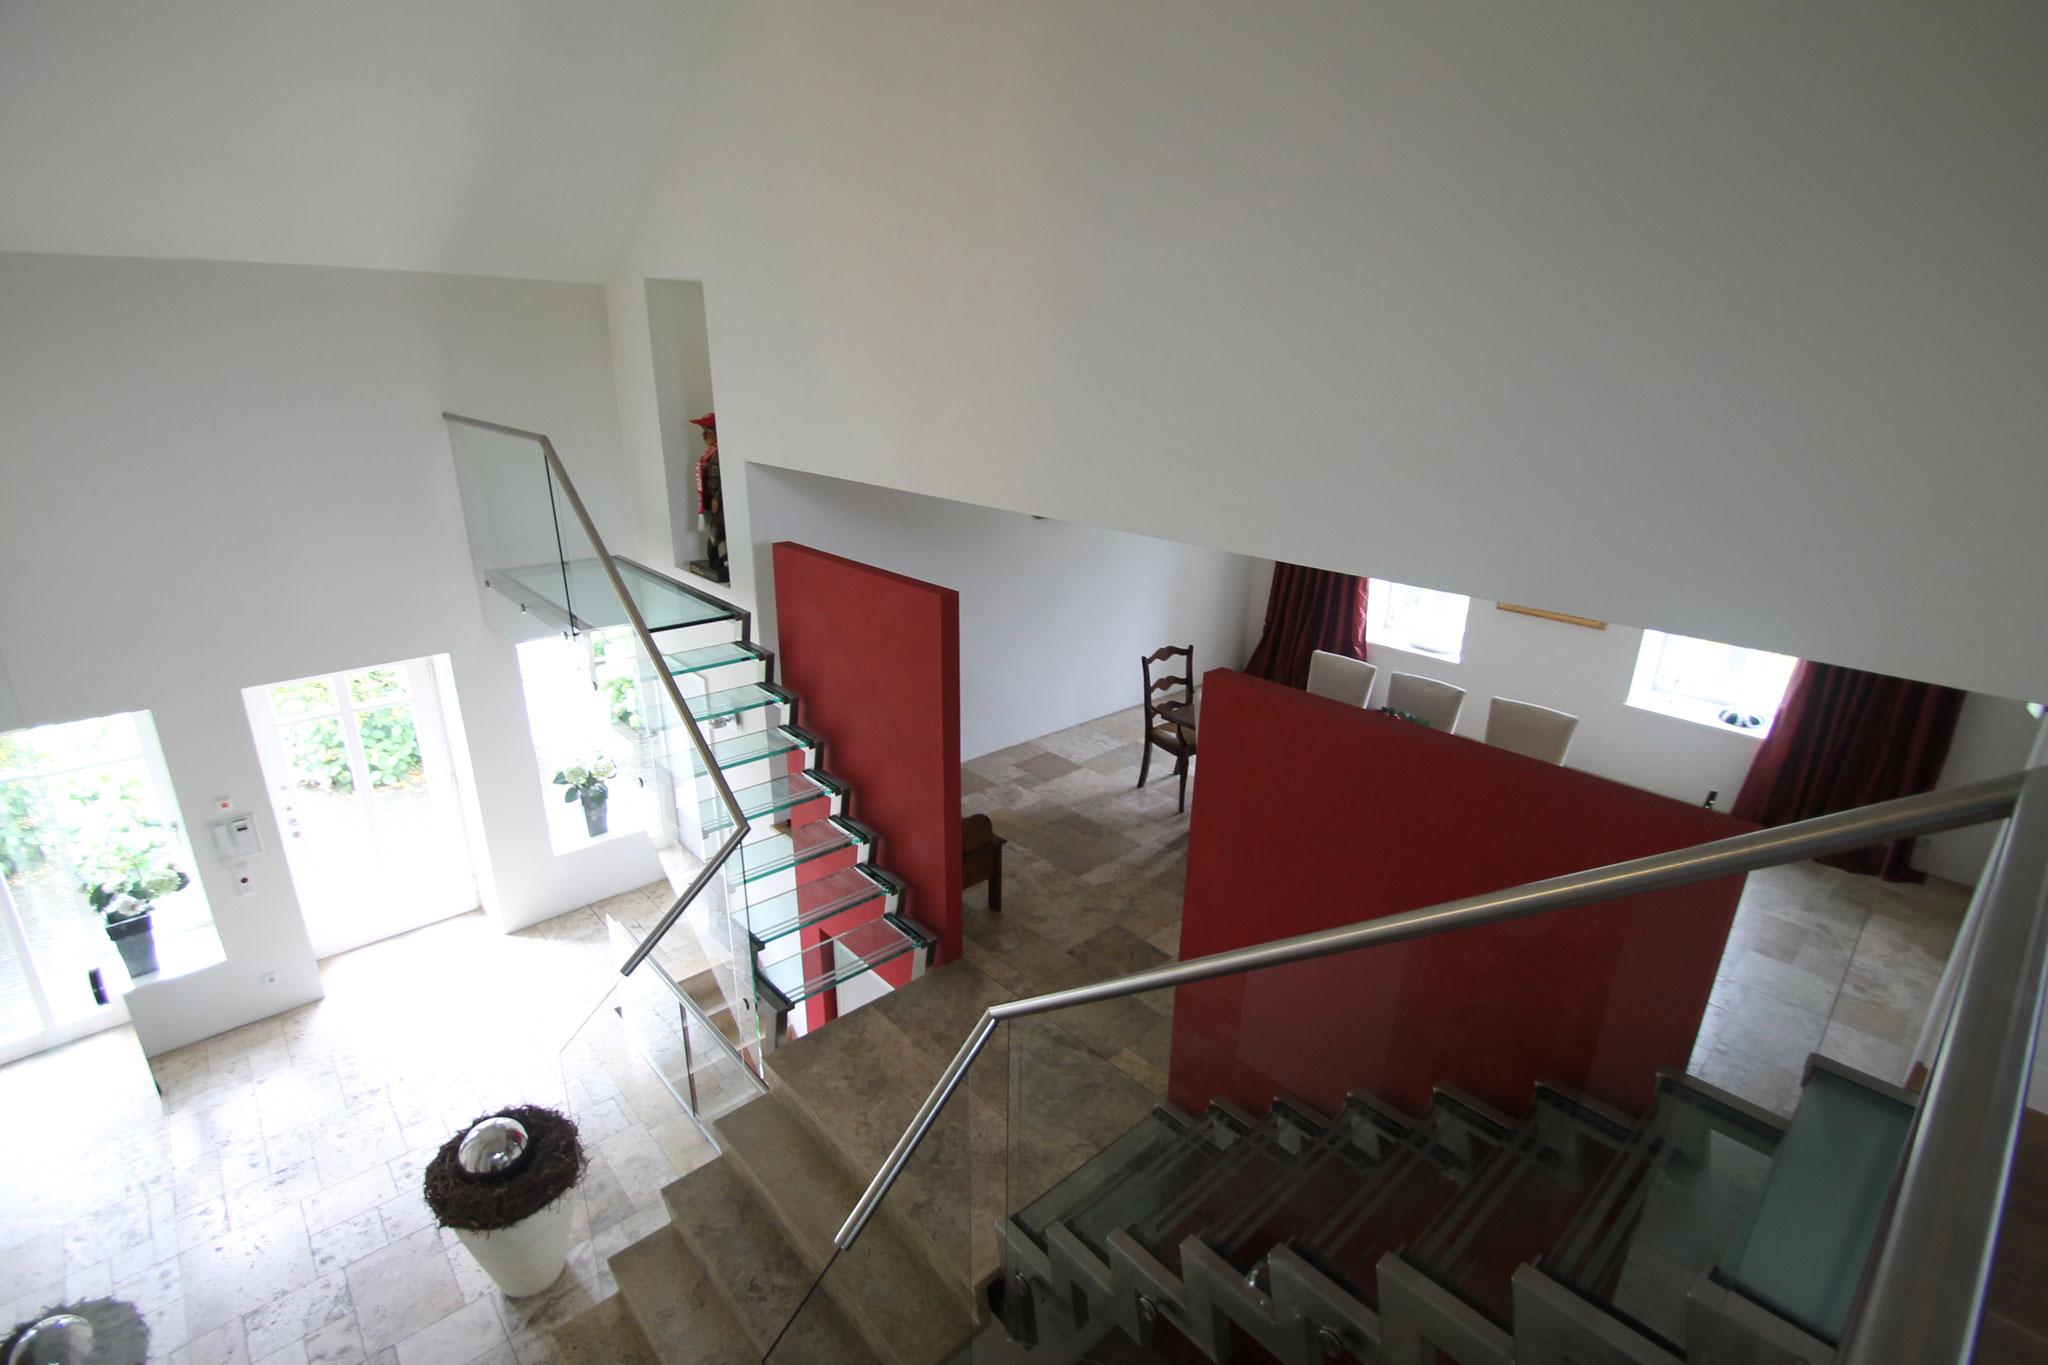 häuser und wohnungen im raum mülheim, duisburg, essen zur miete, Innenarchitektur ideen